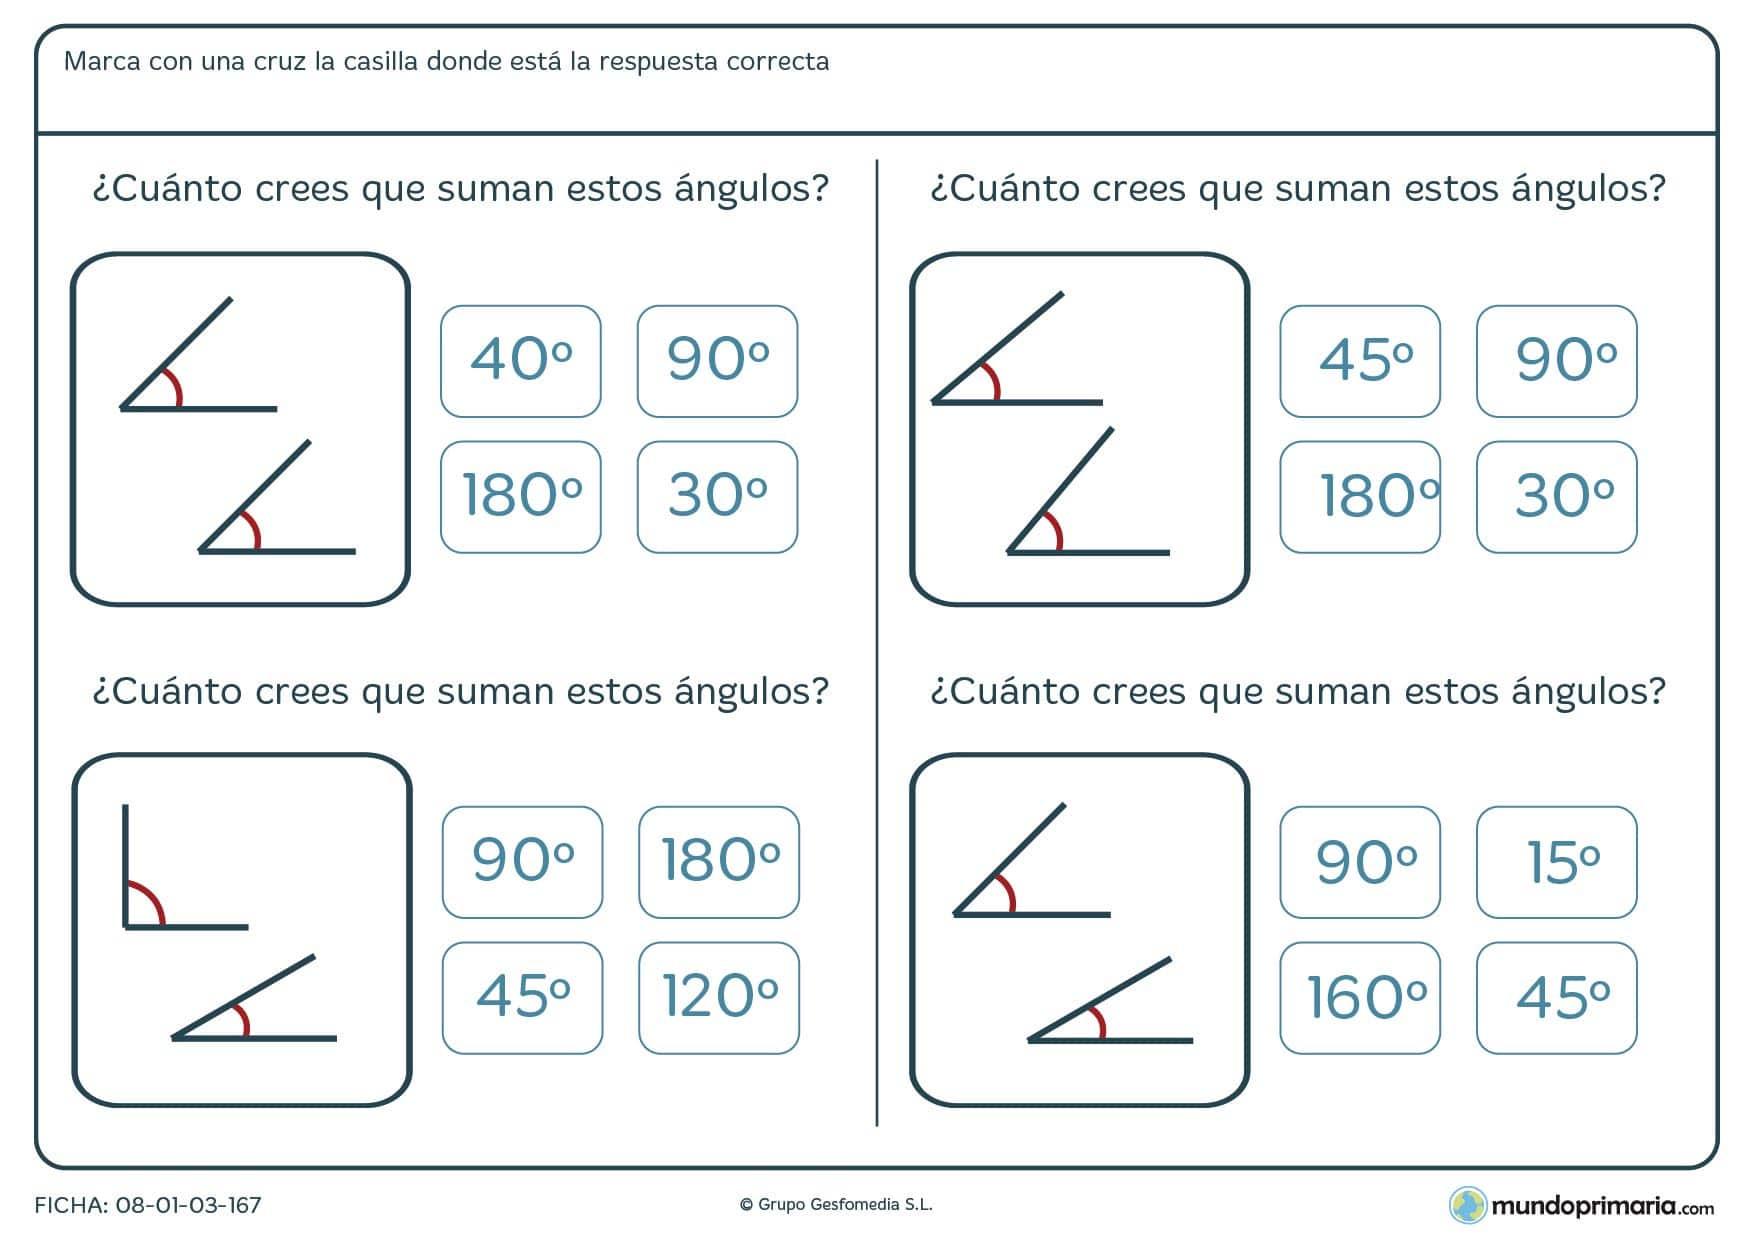 Ficha de sumar ángulos aproximados a través de su representación gráfica.